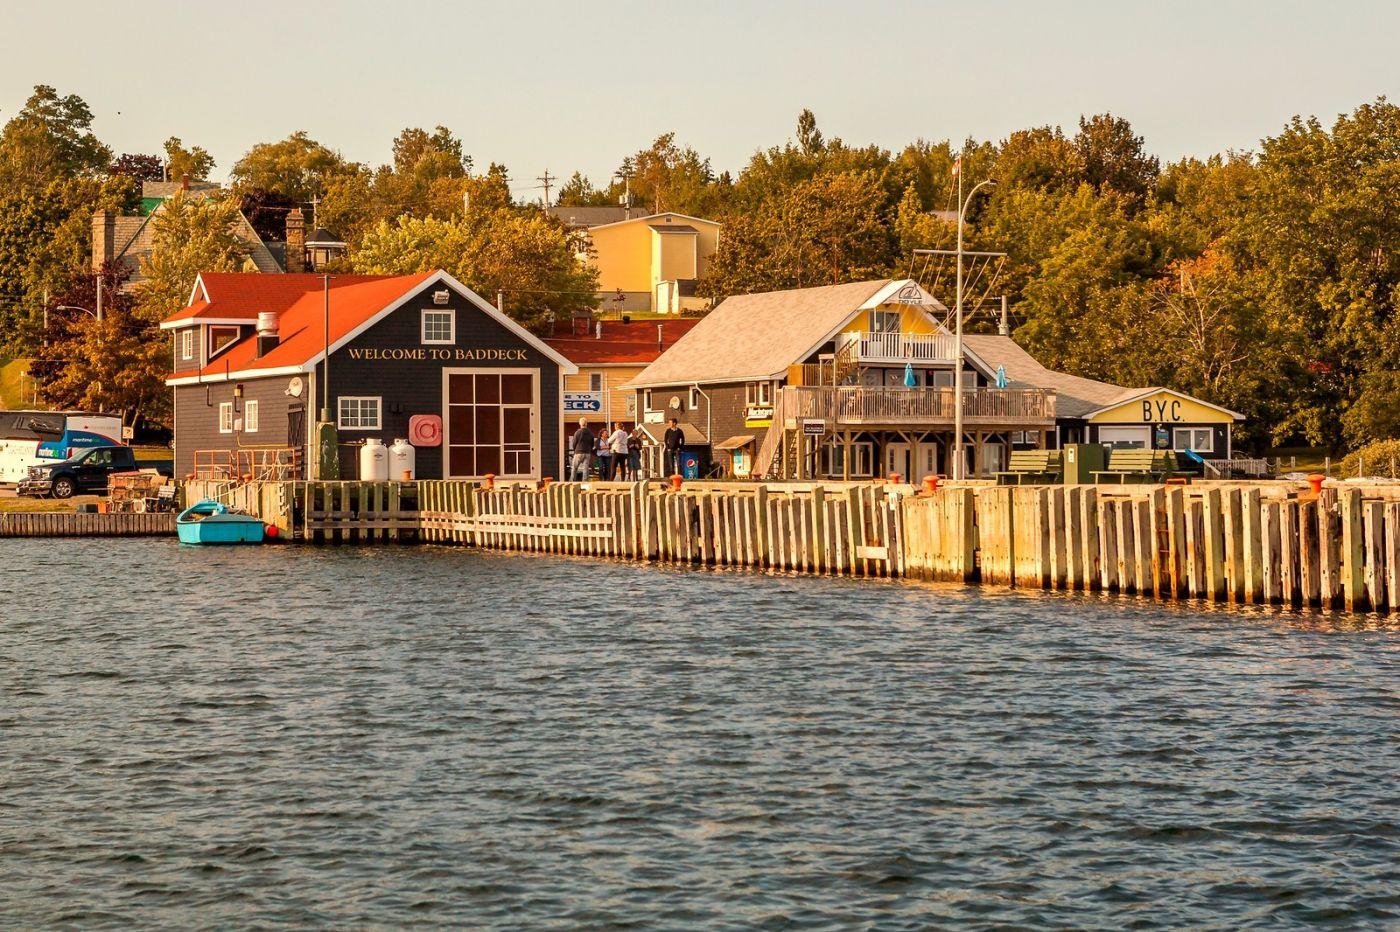 加拿大Nova Scotia, 帆船灯塔老鹰_图1-20